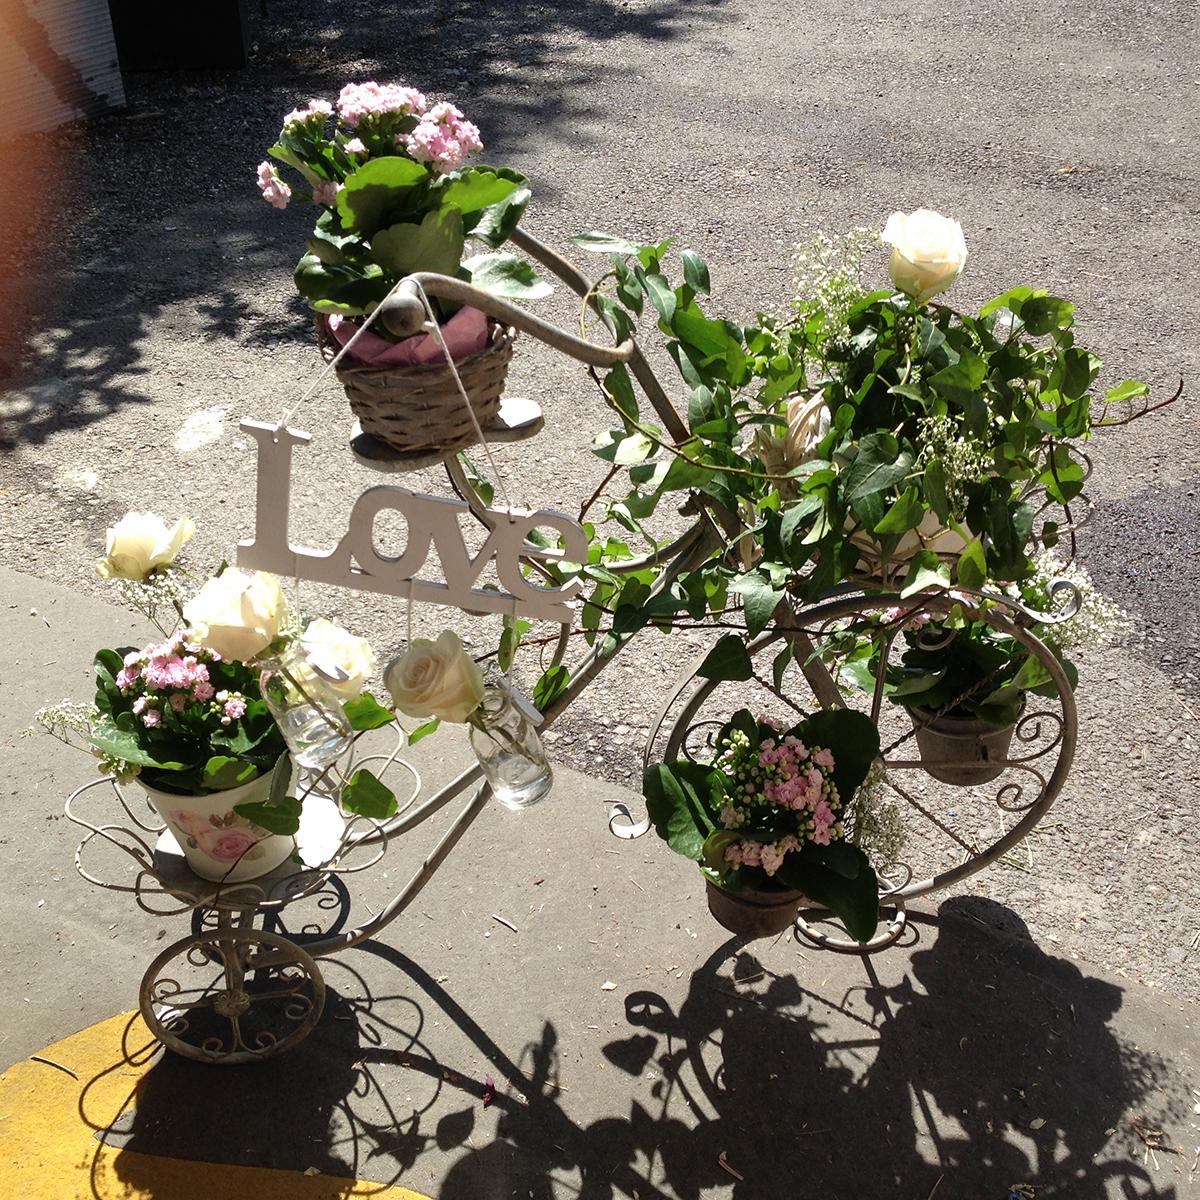 Blumenvelo 094425